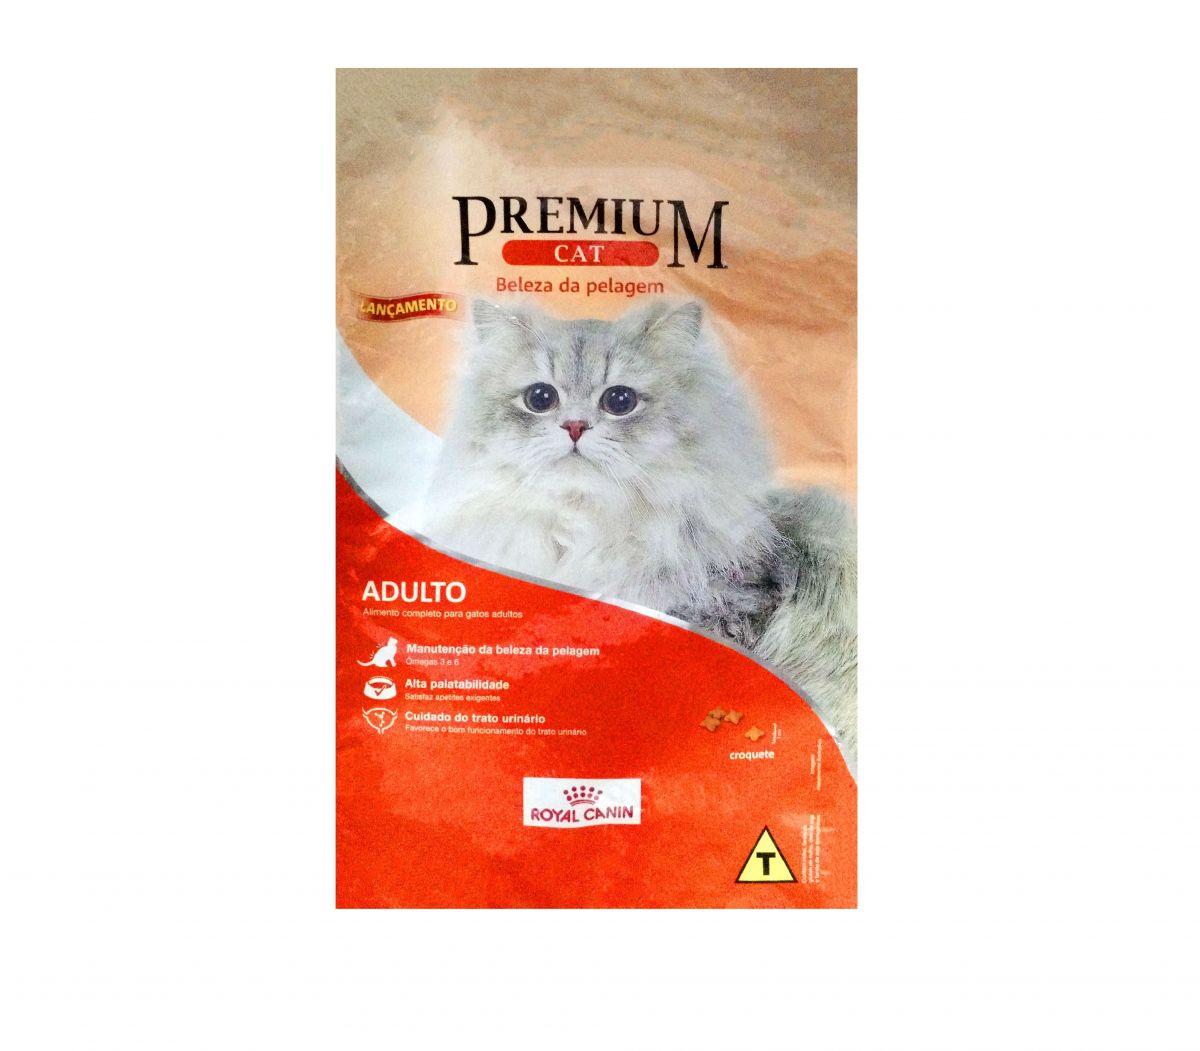 Ração Royal Canin Premium Cat Beleza da Pelagem